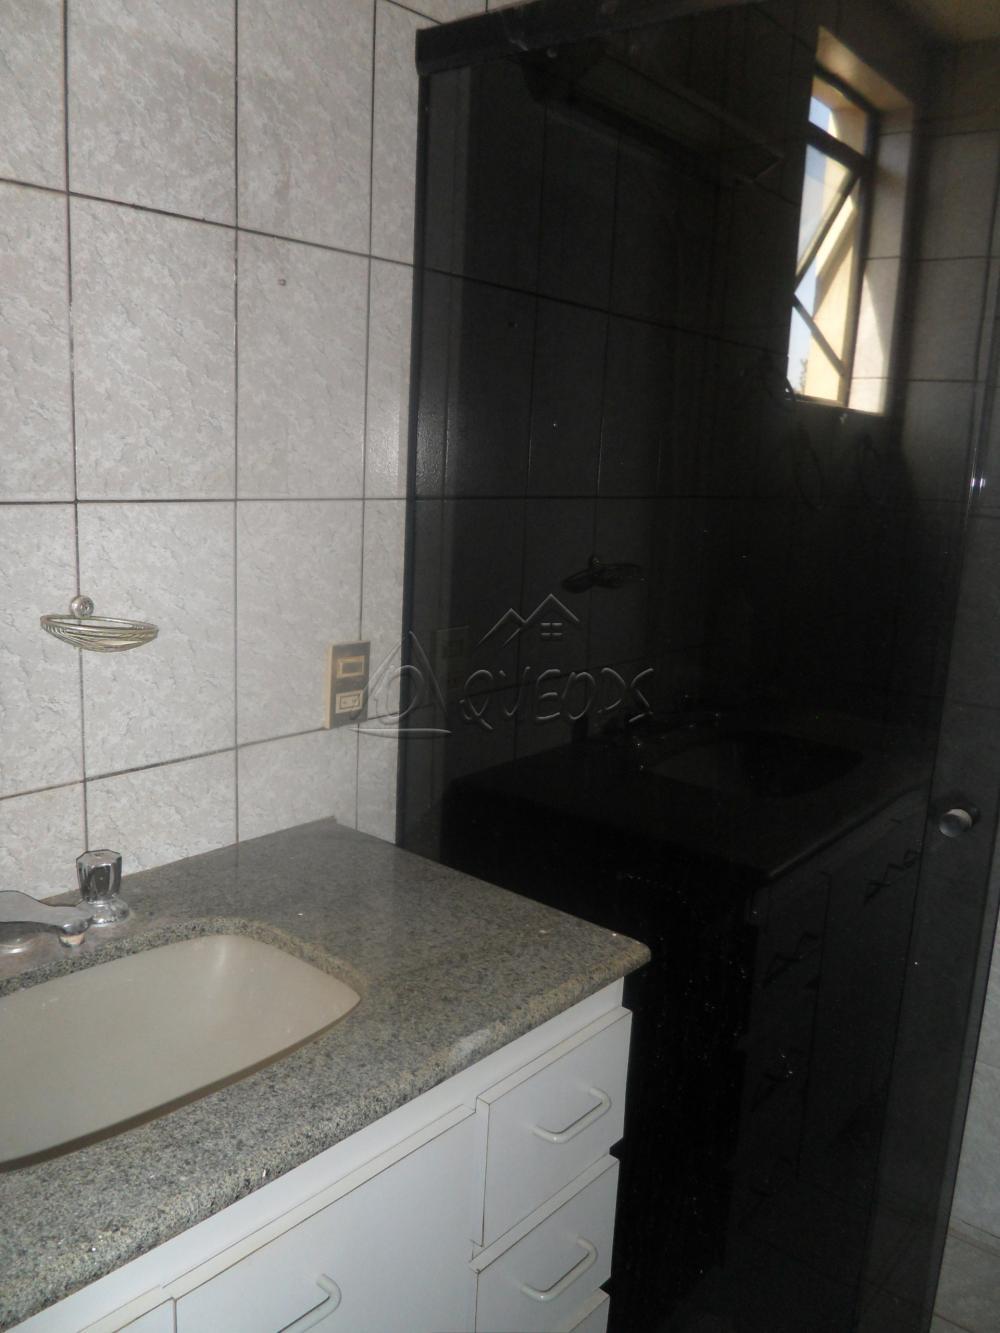 Comprar Apartamento / Padrão em Barretos apenas R$ 680.000,00 - Foto 20